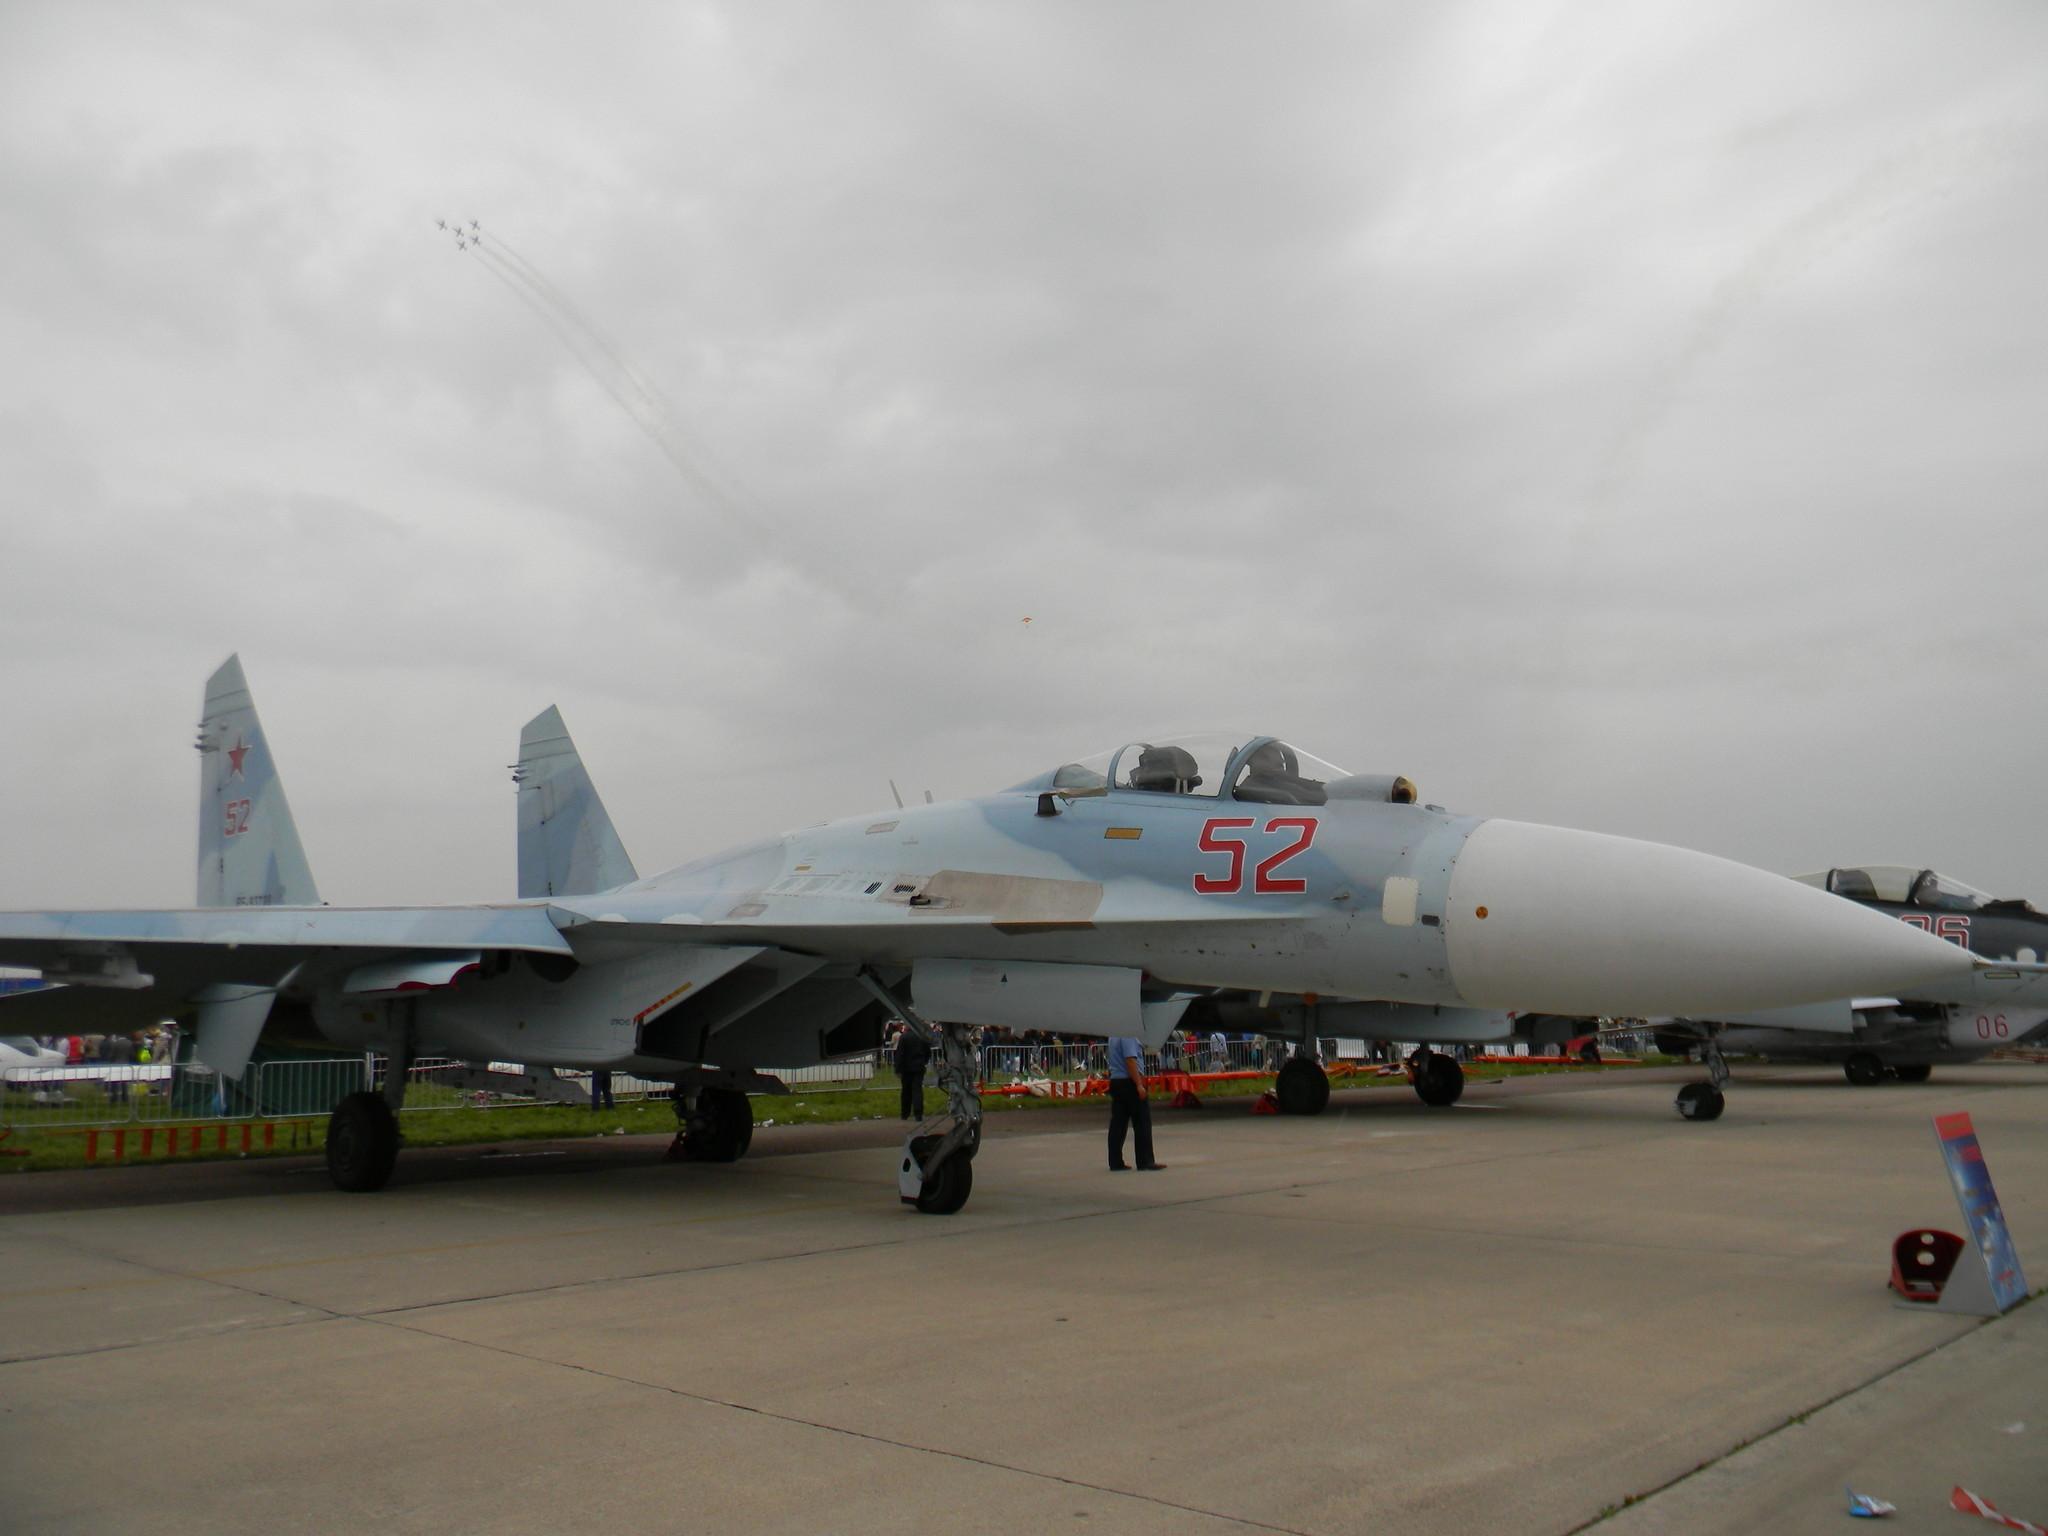 Обои многоцелевой, двухместный, Су-30м2, истребитель. Авиация foto 17